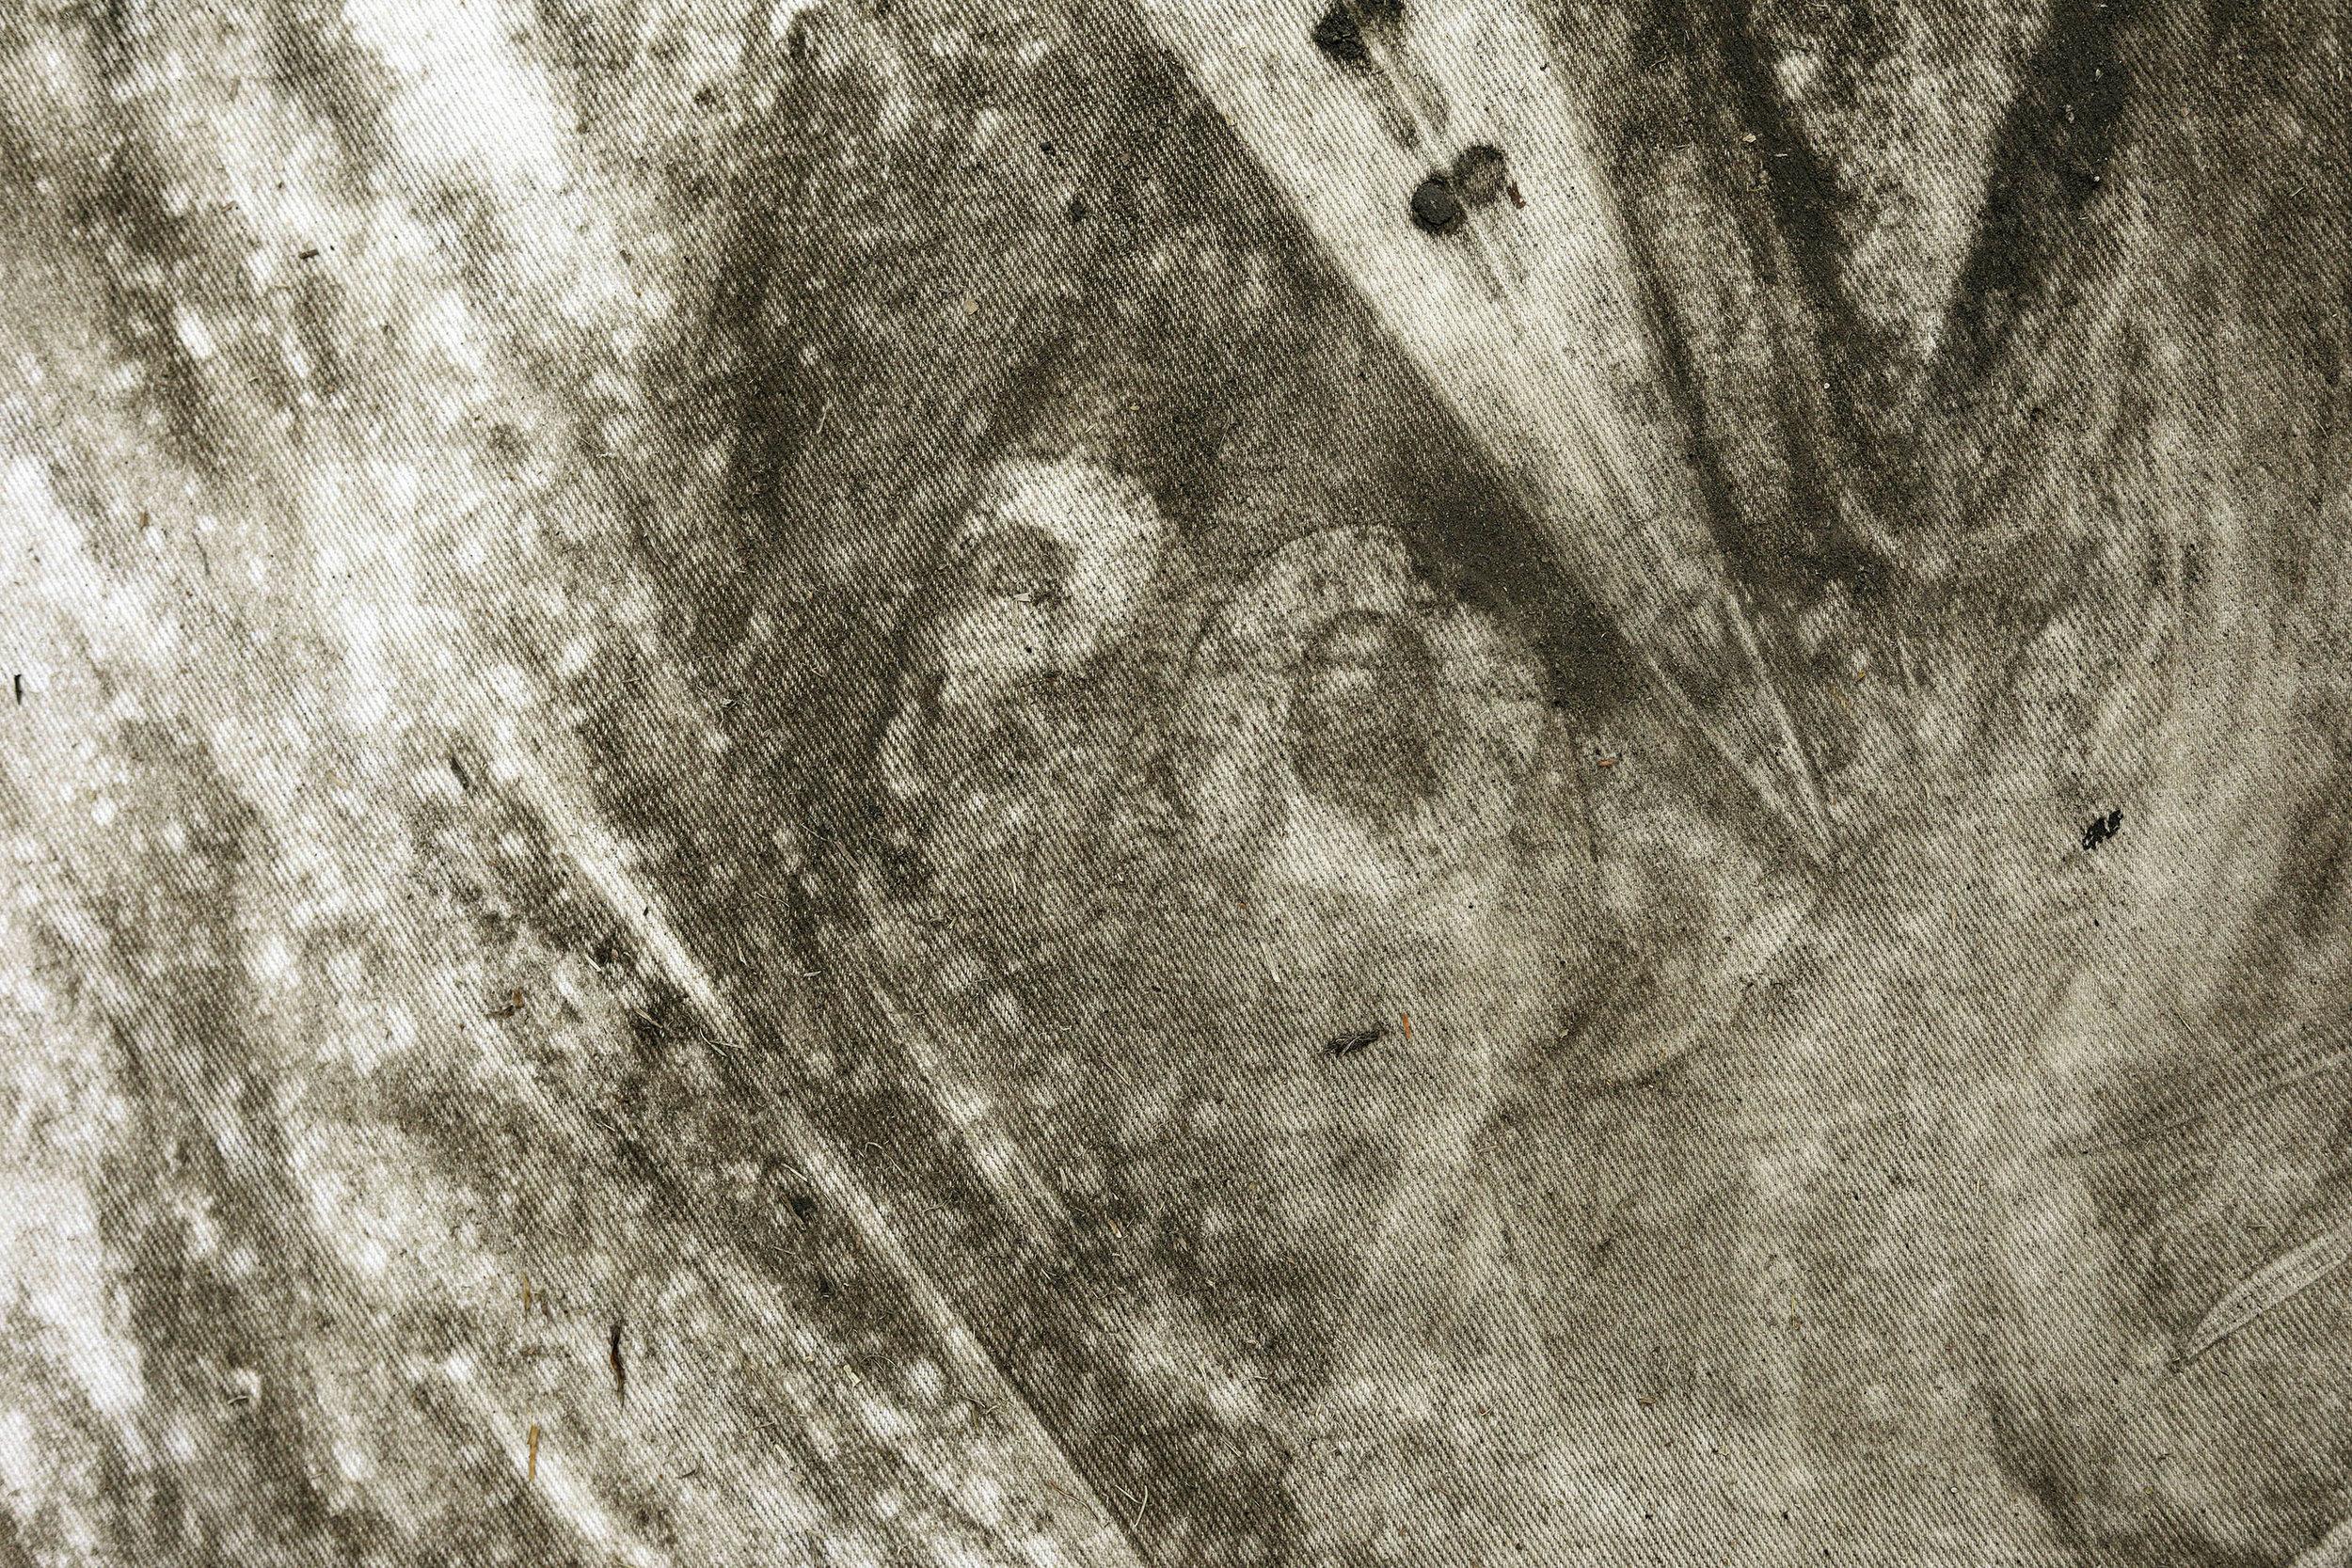 Life Shroud (Apantles) detail